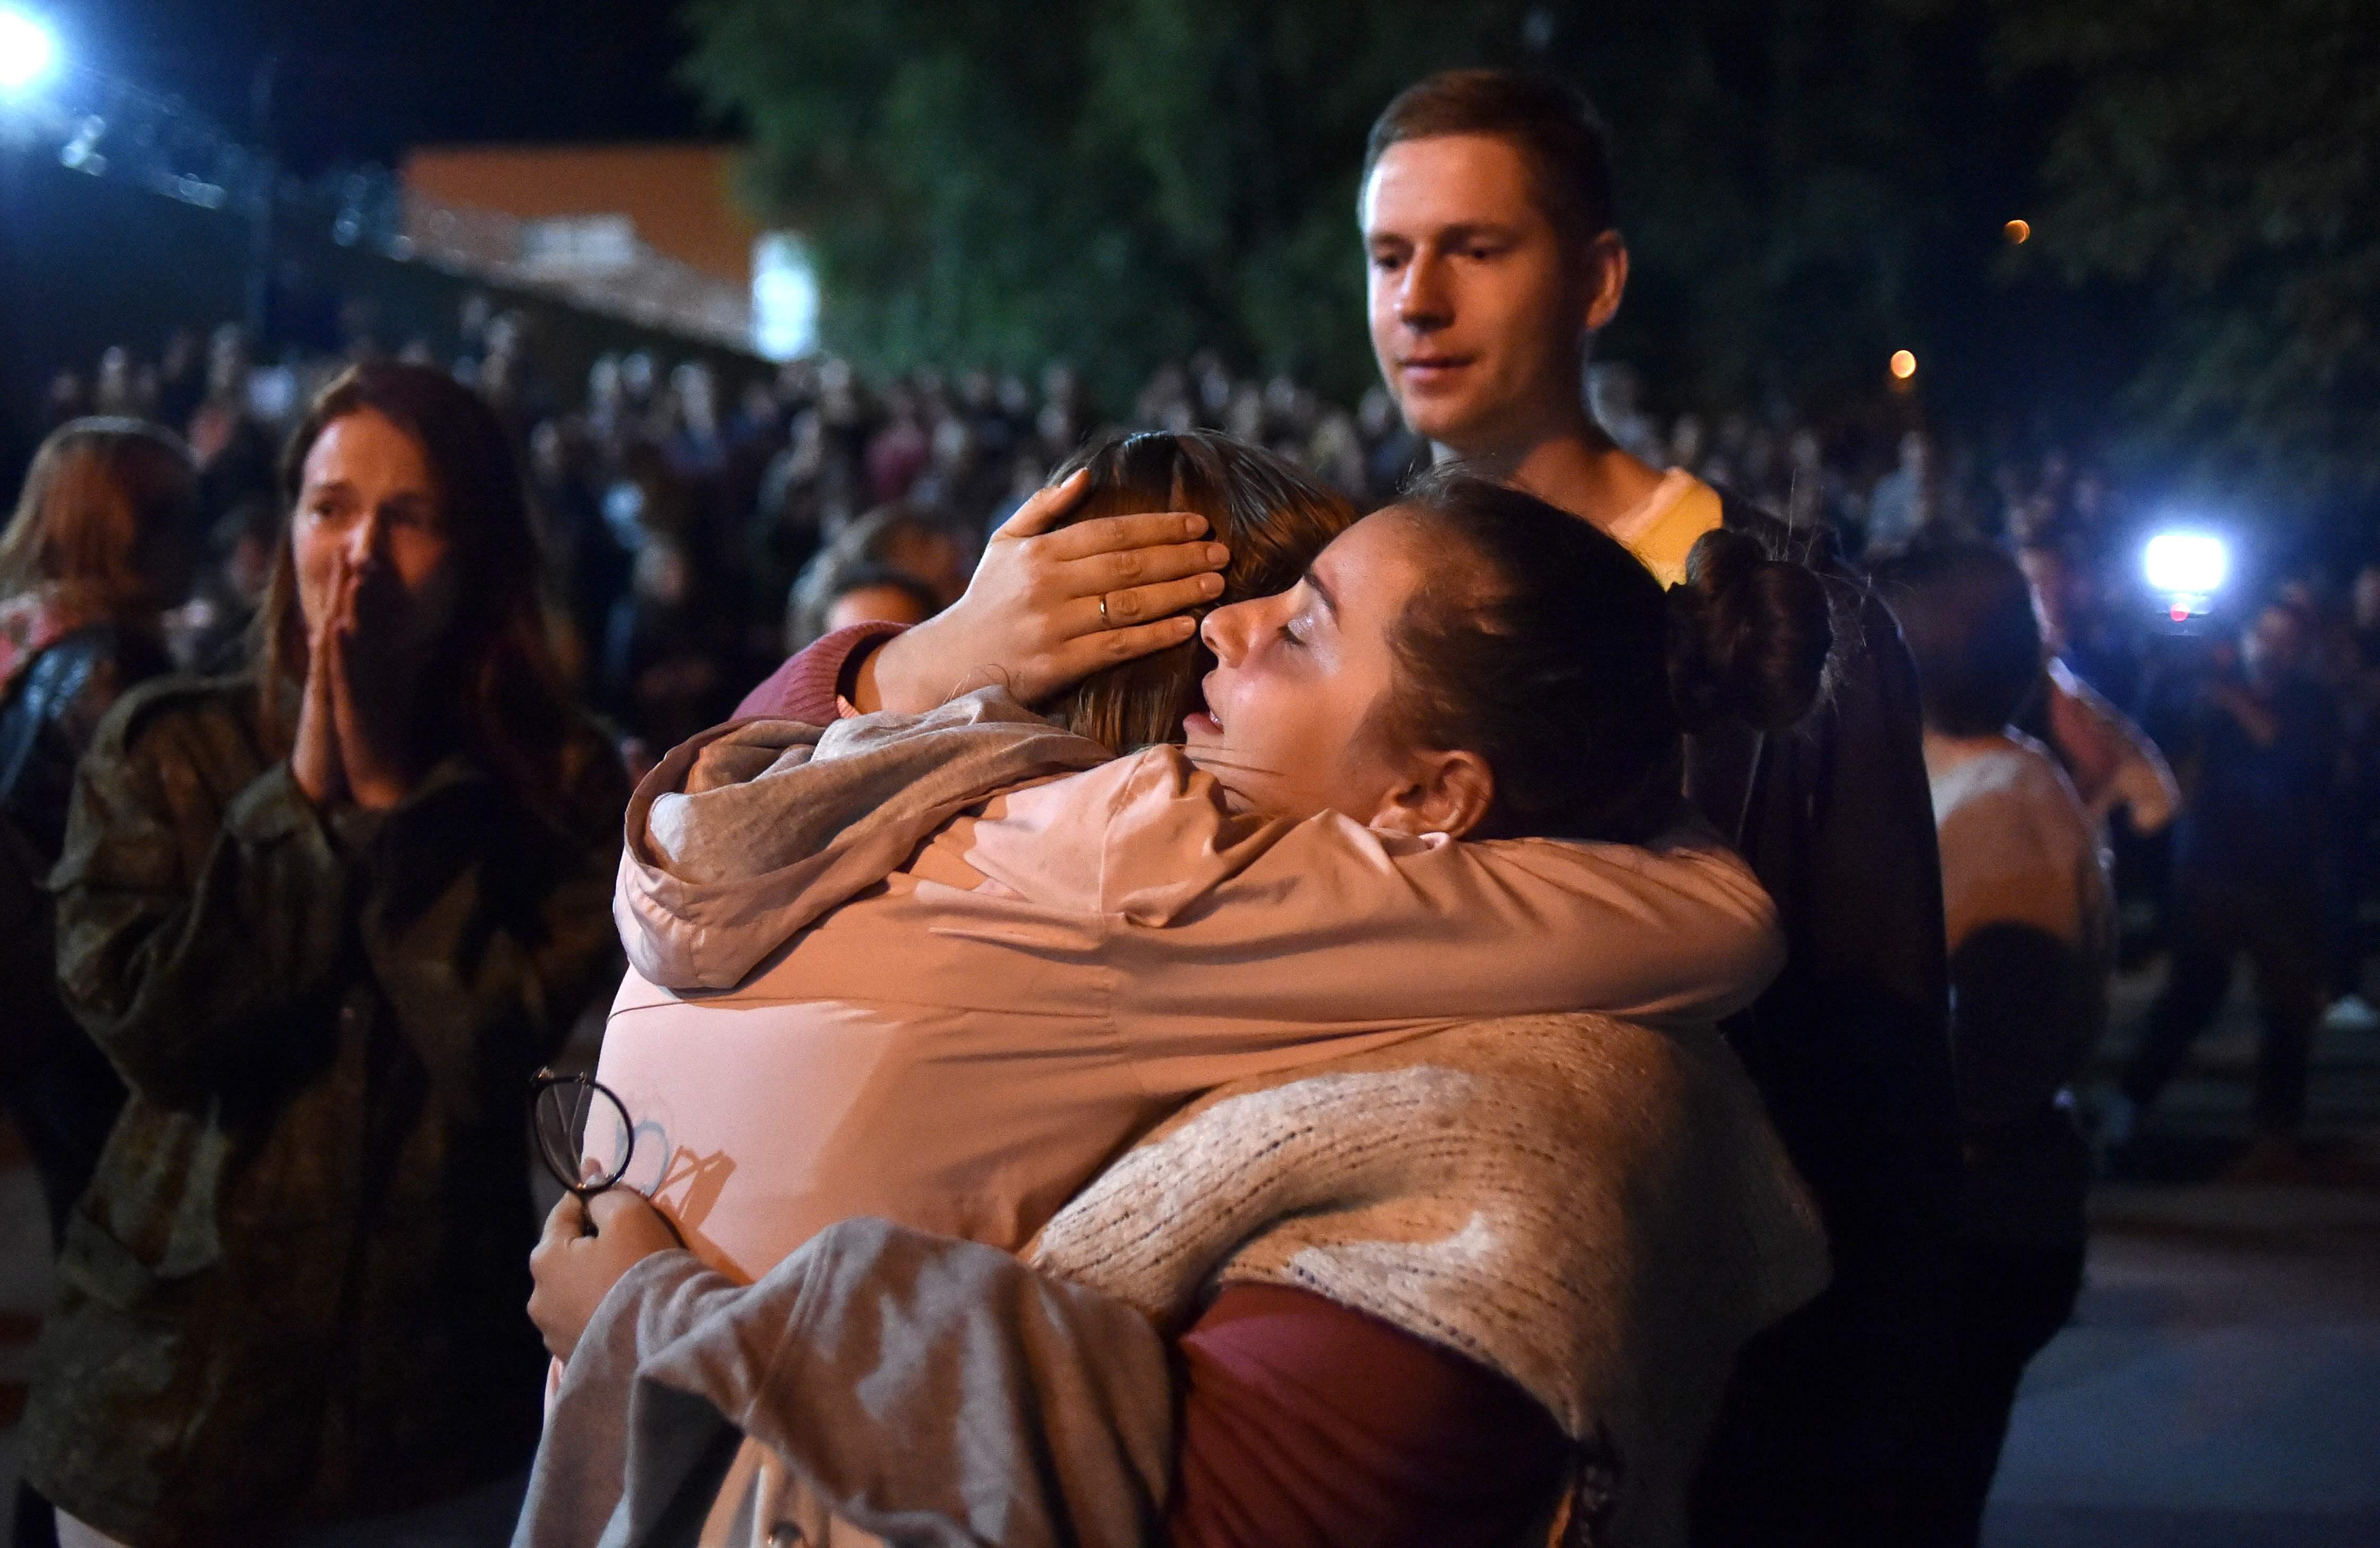 Weißrussland: Freigelassene berichten von schwersten Misshandlungen